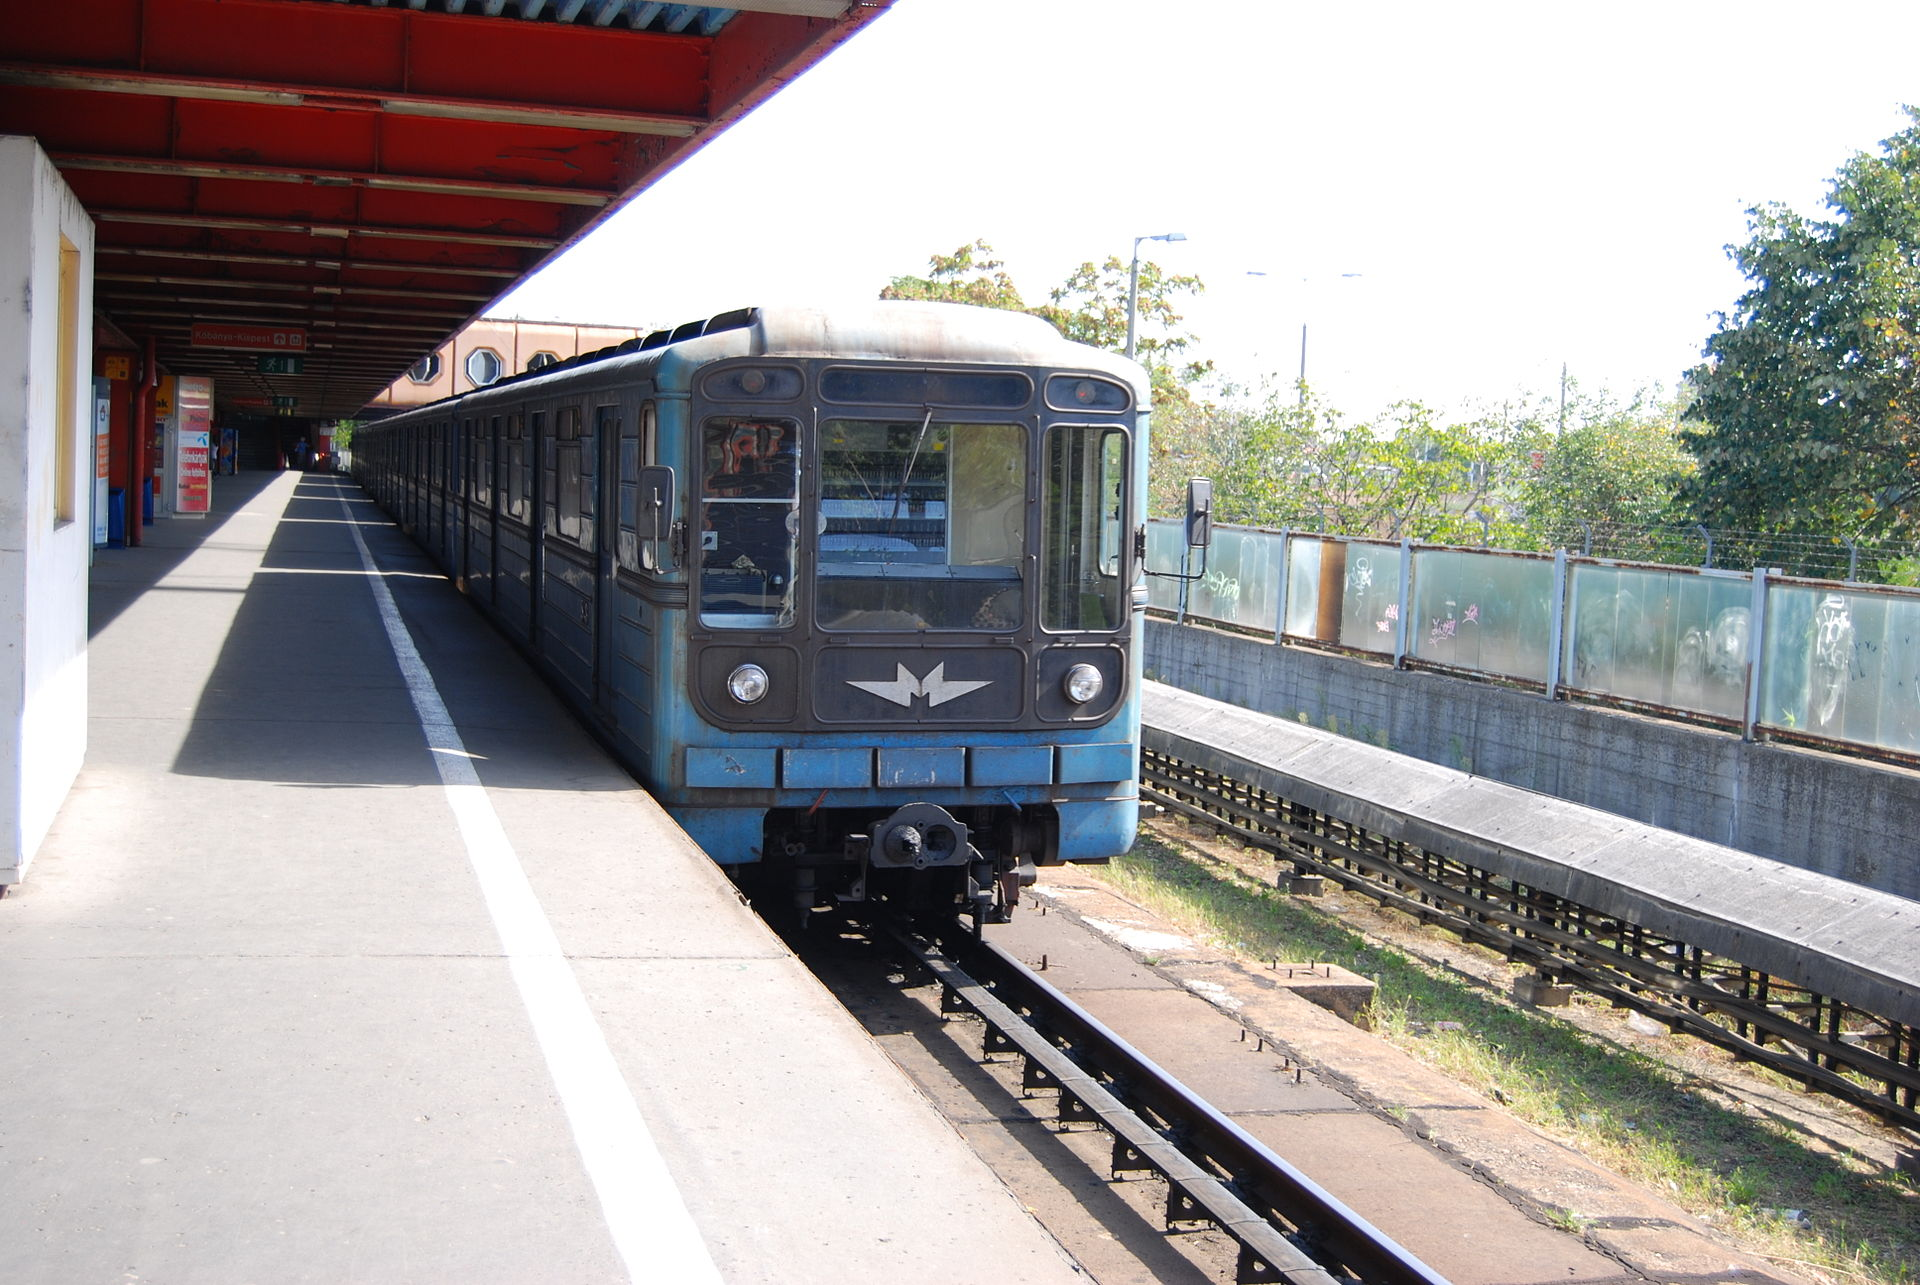 ブダペスト地下鉄の画像 p1_13